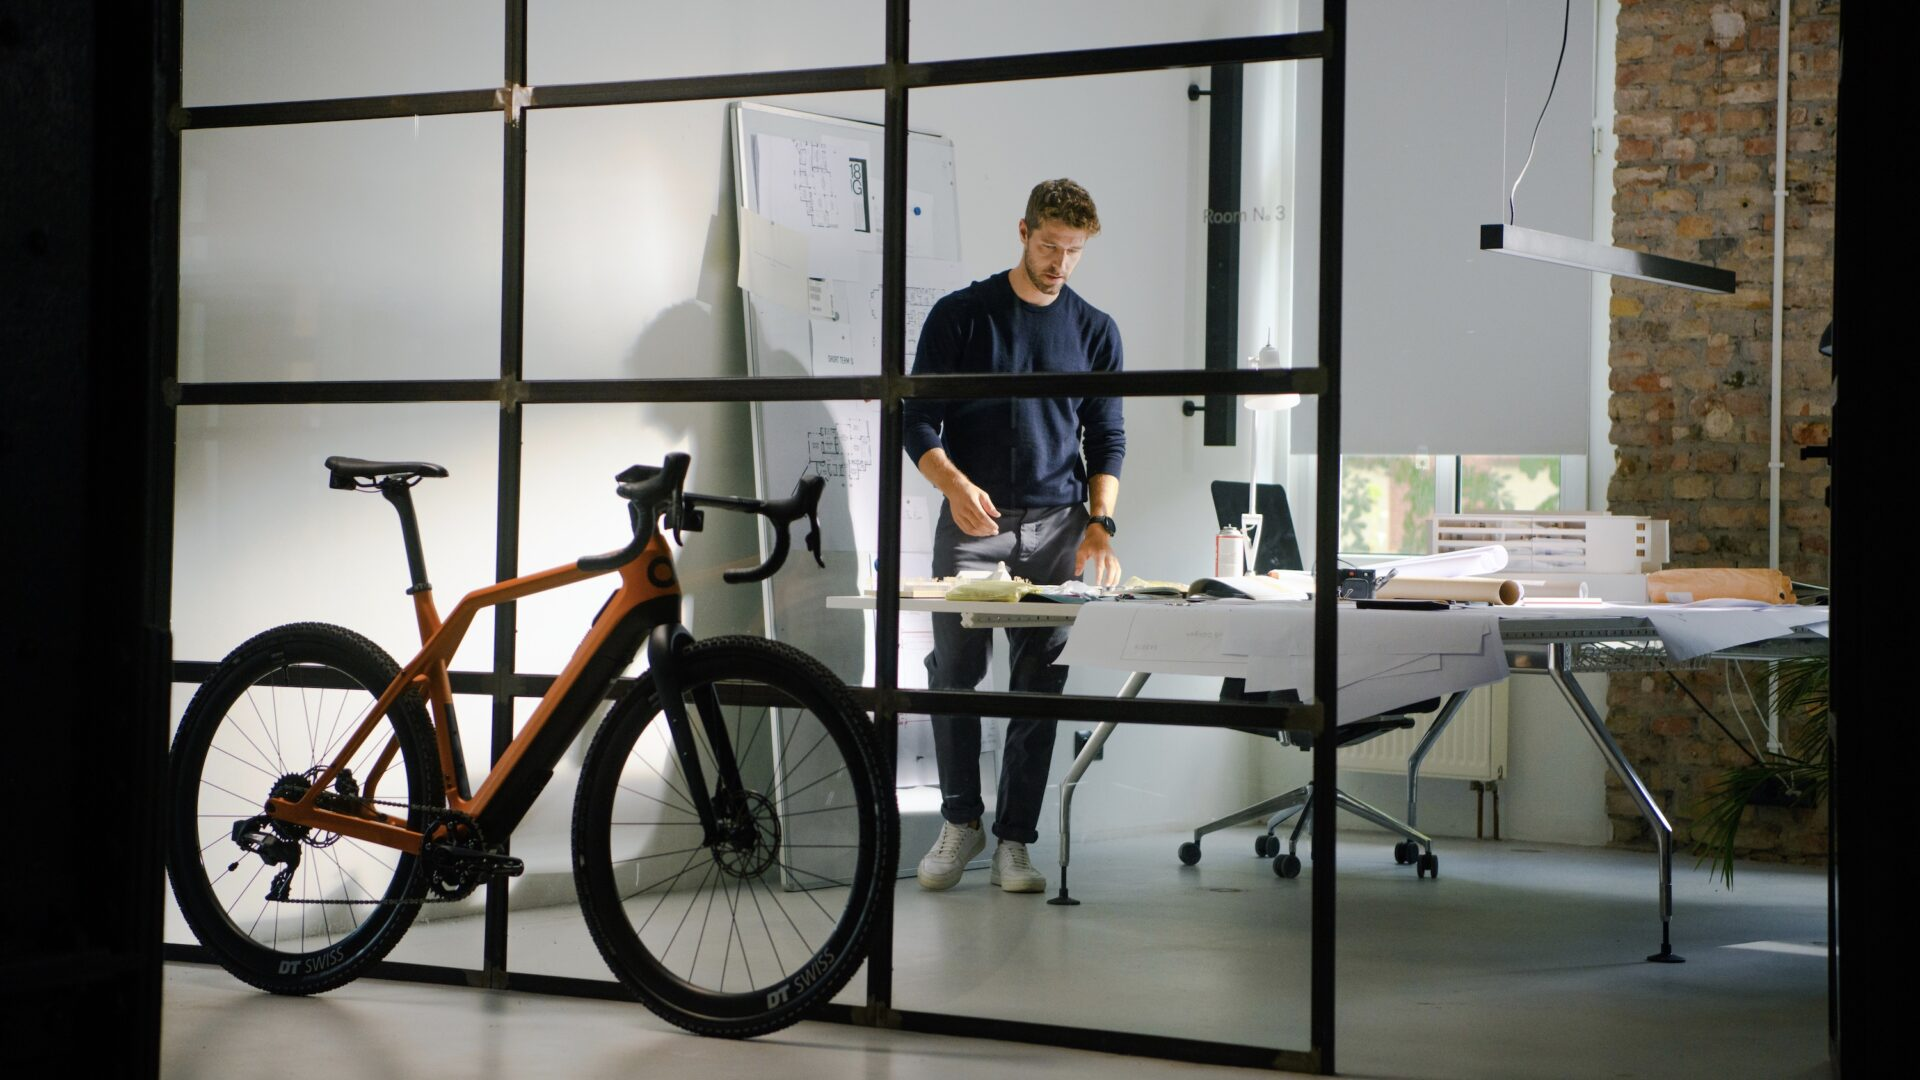 Porshe digital e-bike